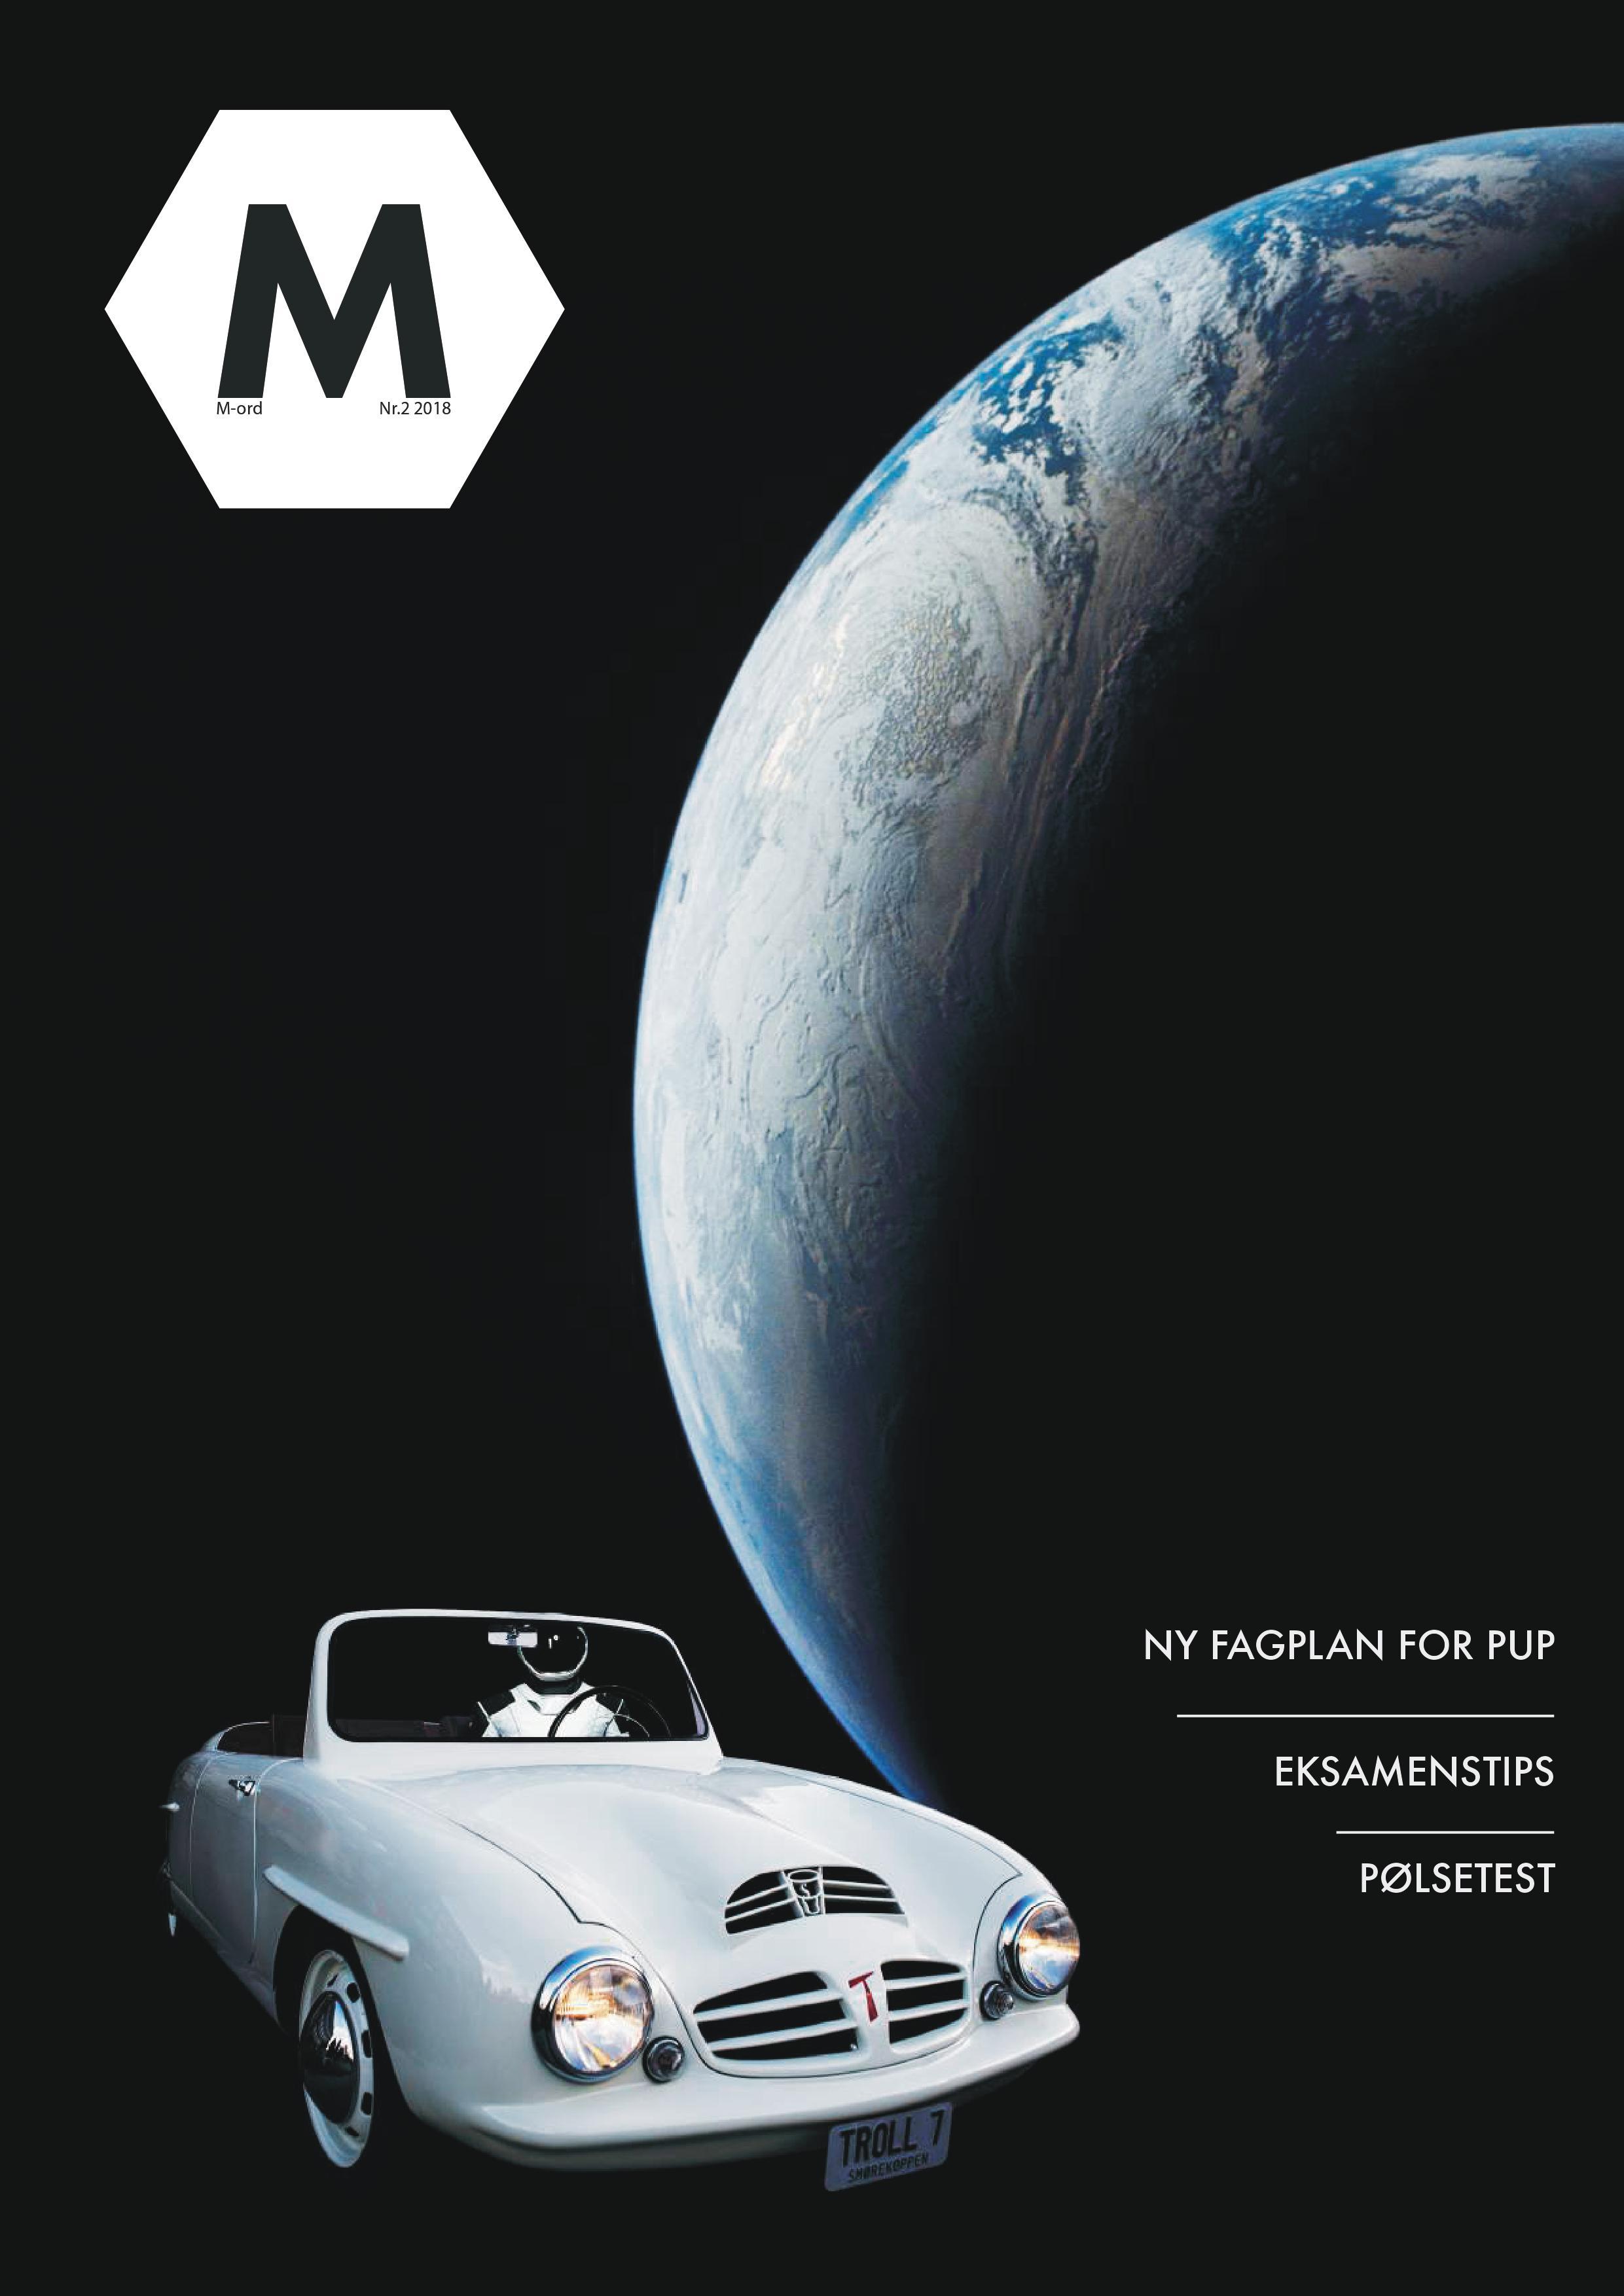 M-Ord Vår 2018 -